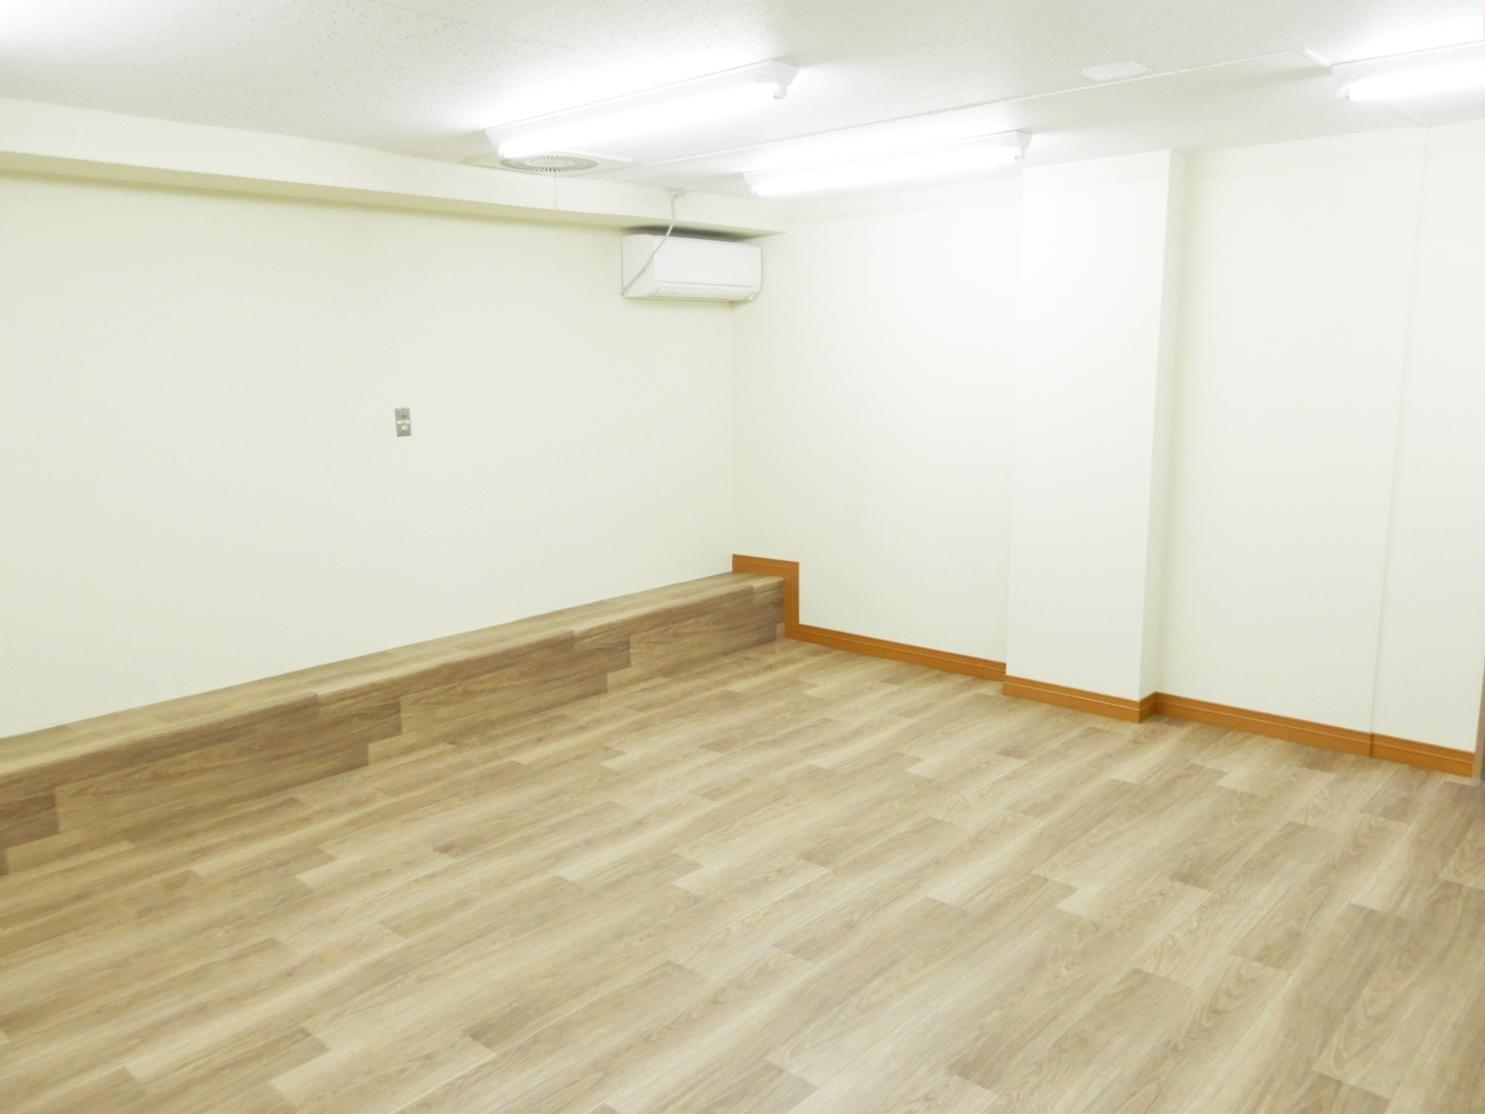 アーツ本庄 210号室_サブ画像01